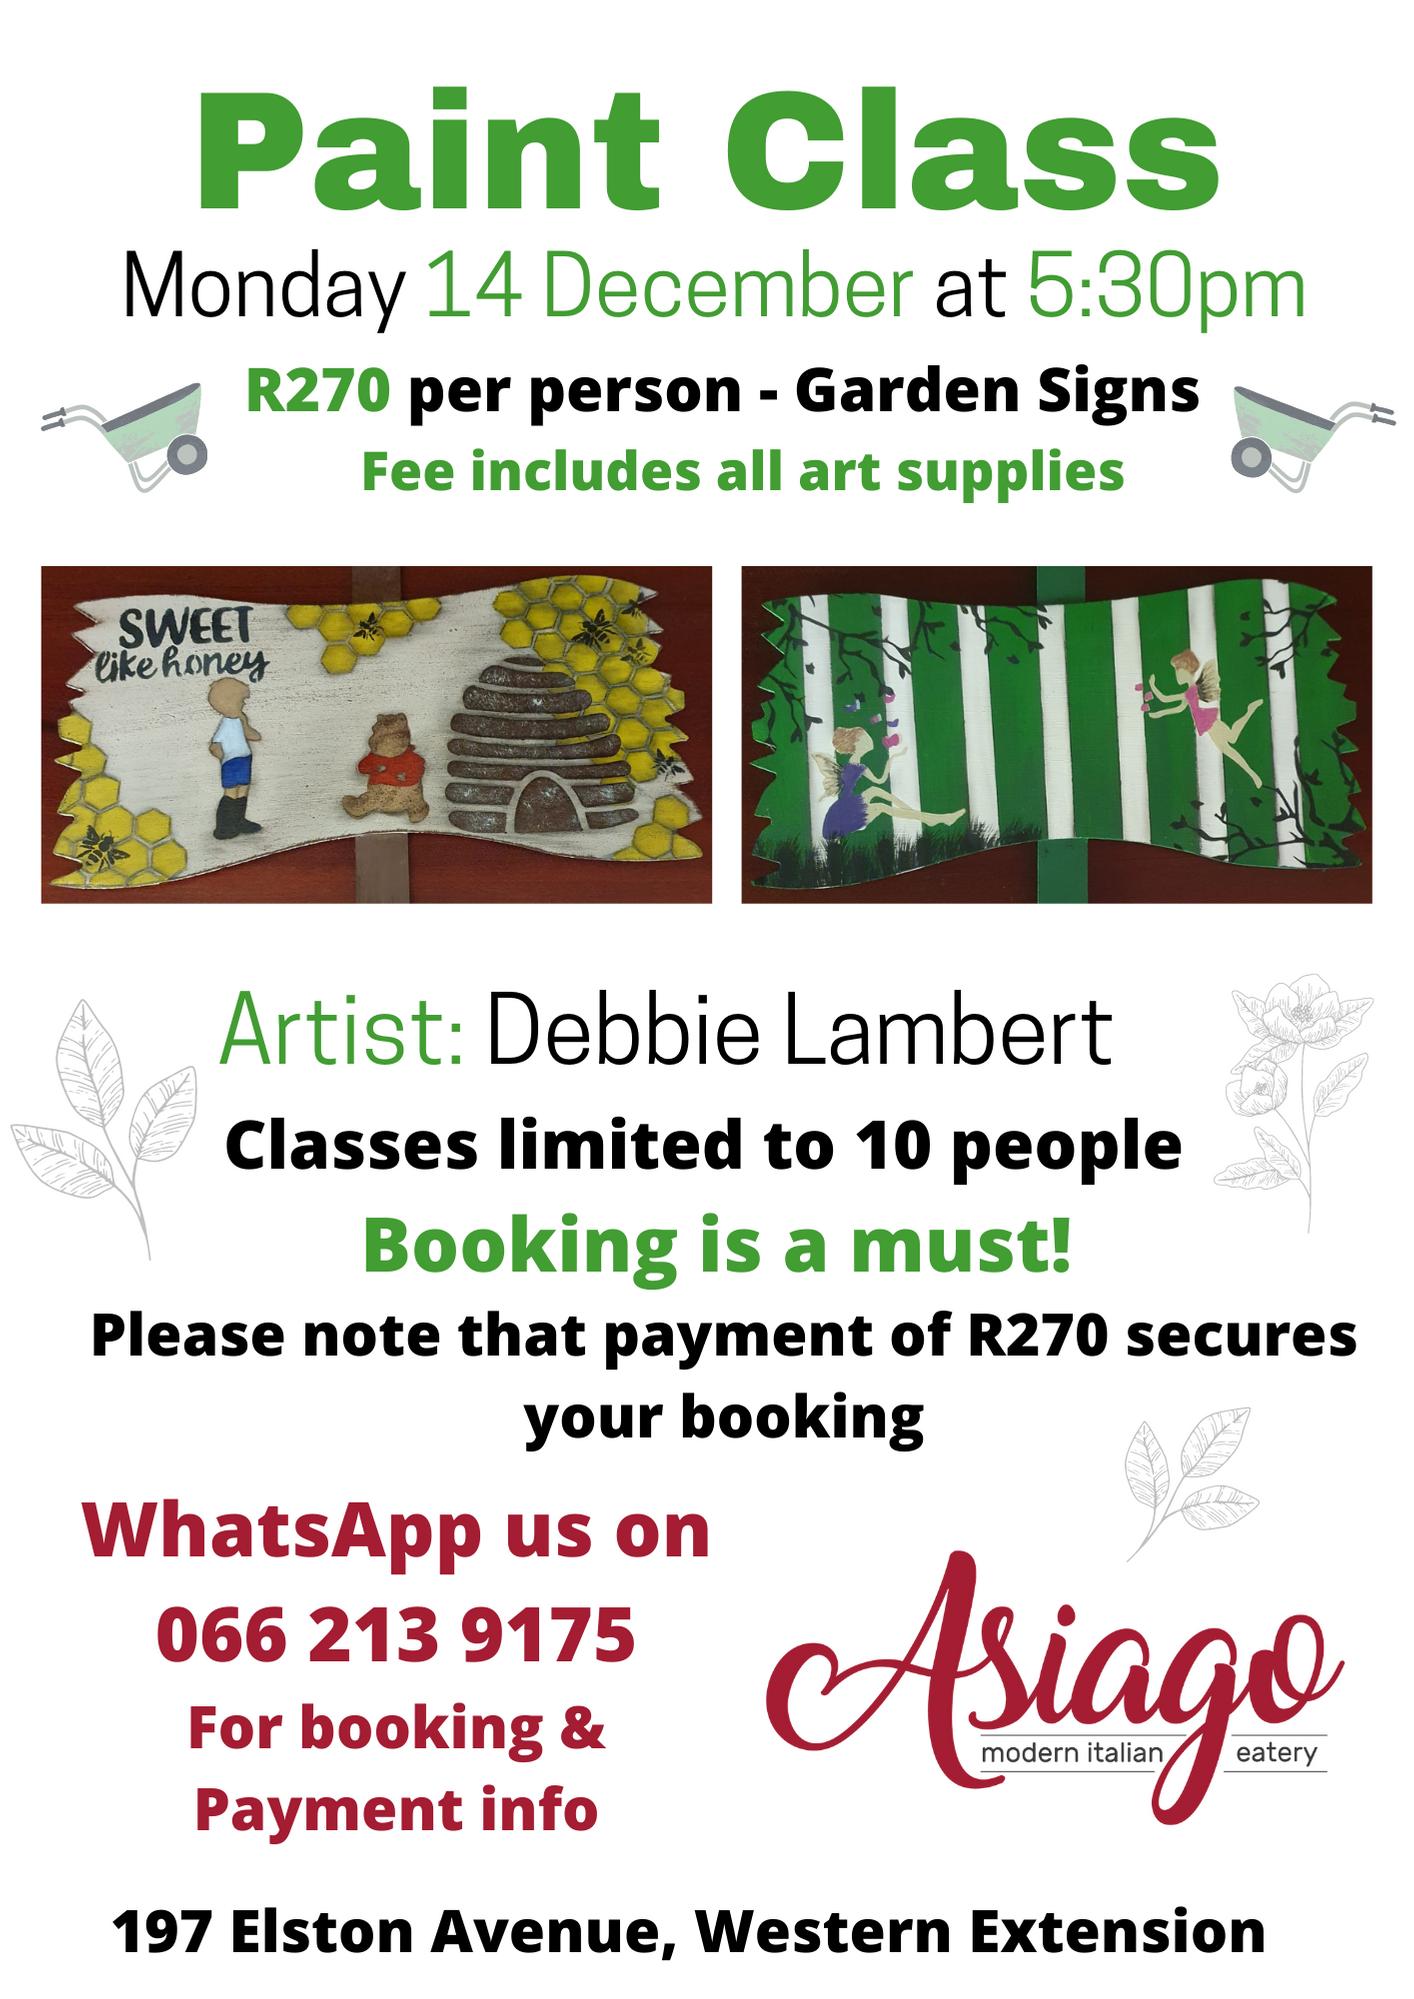 Paint Class 14 Dec 2020_Garden Signs